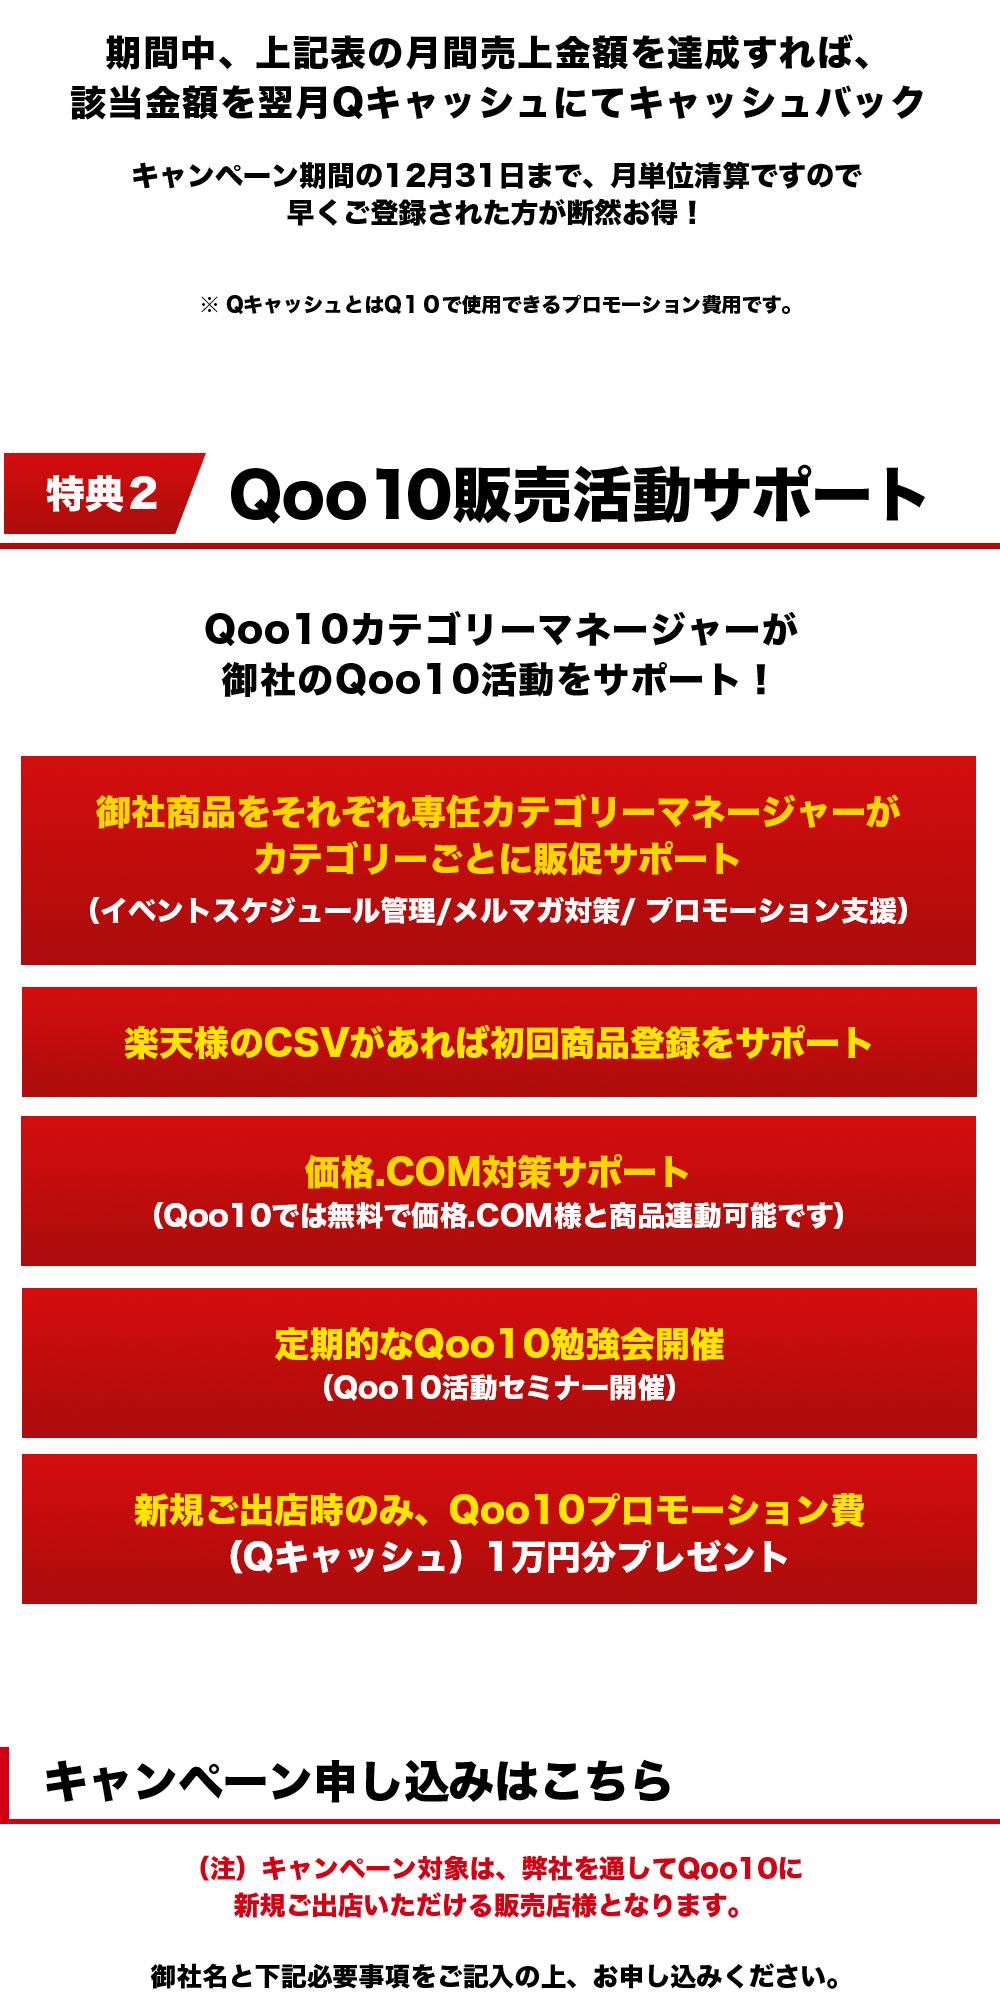 Qoo10 キュー10 Q10 出店 商品登録 運営代行 無料 特典 キャンペーン 広告 Qキャッシュ